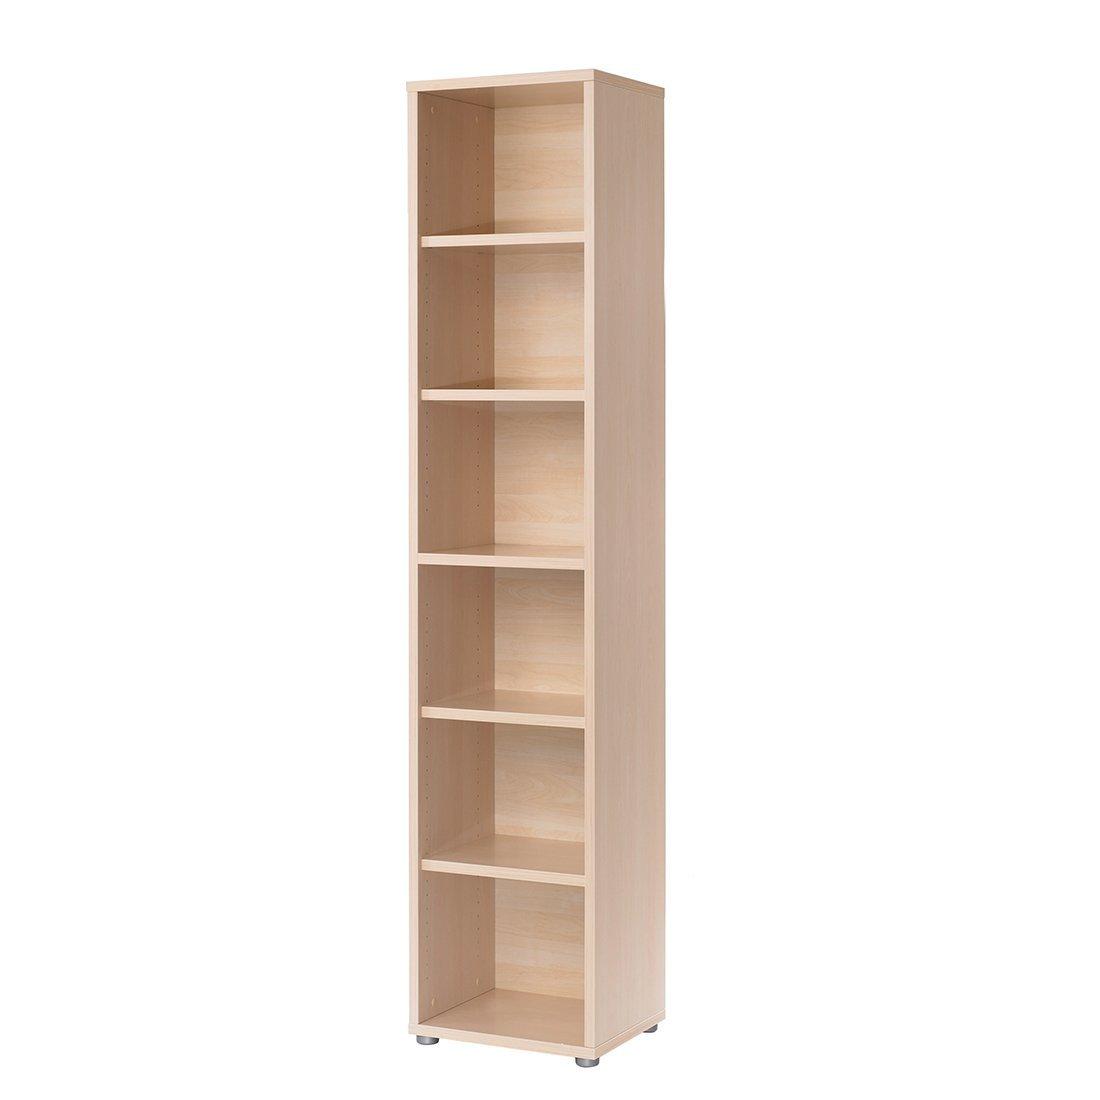 Bürosystem Prima Aktenregal 80429 Ahorn 47x221cm: Amazon.de: Küche ...